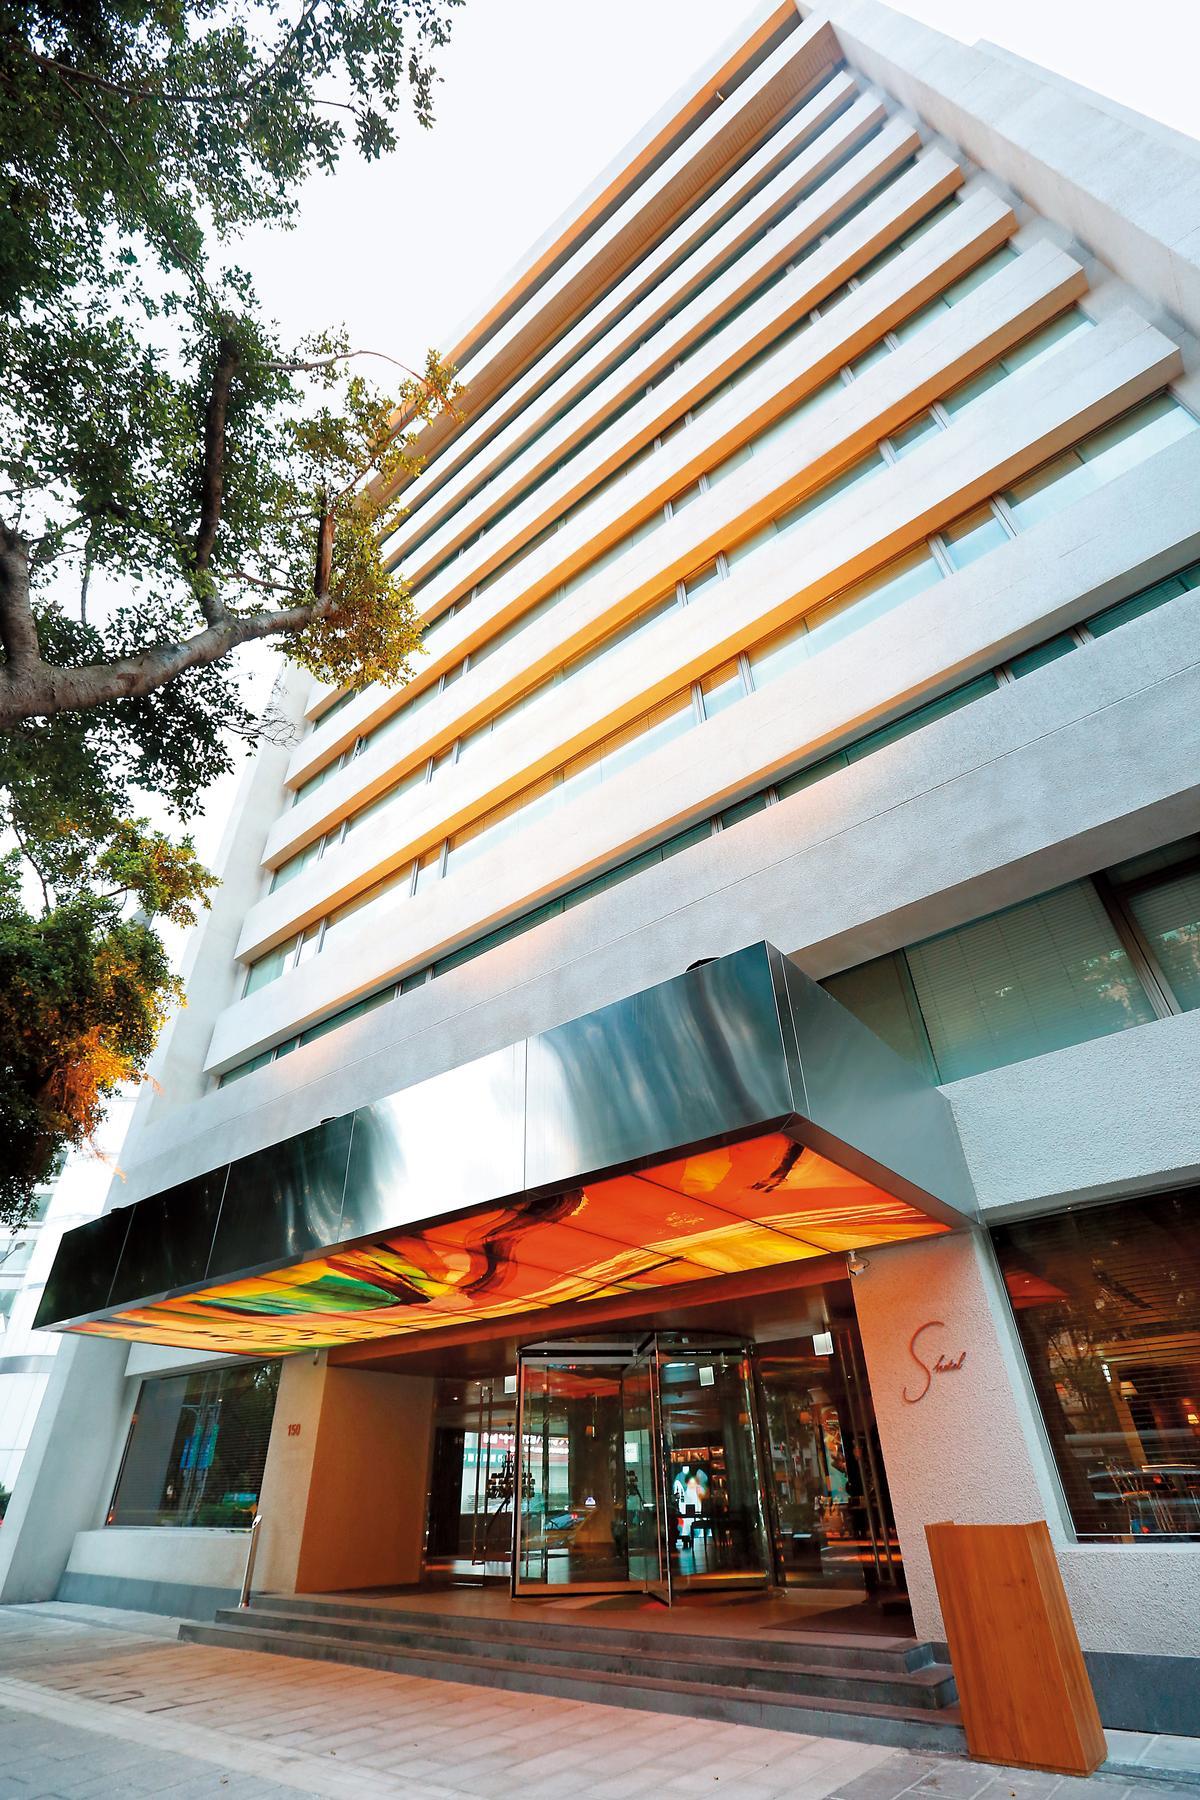 以大S為名的S HOTEL傳出一年租金就要8,000萬元,年收至少要2億元才「有機會」打平。